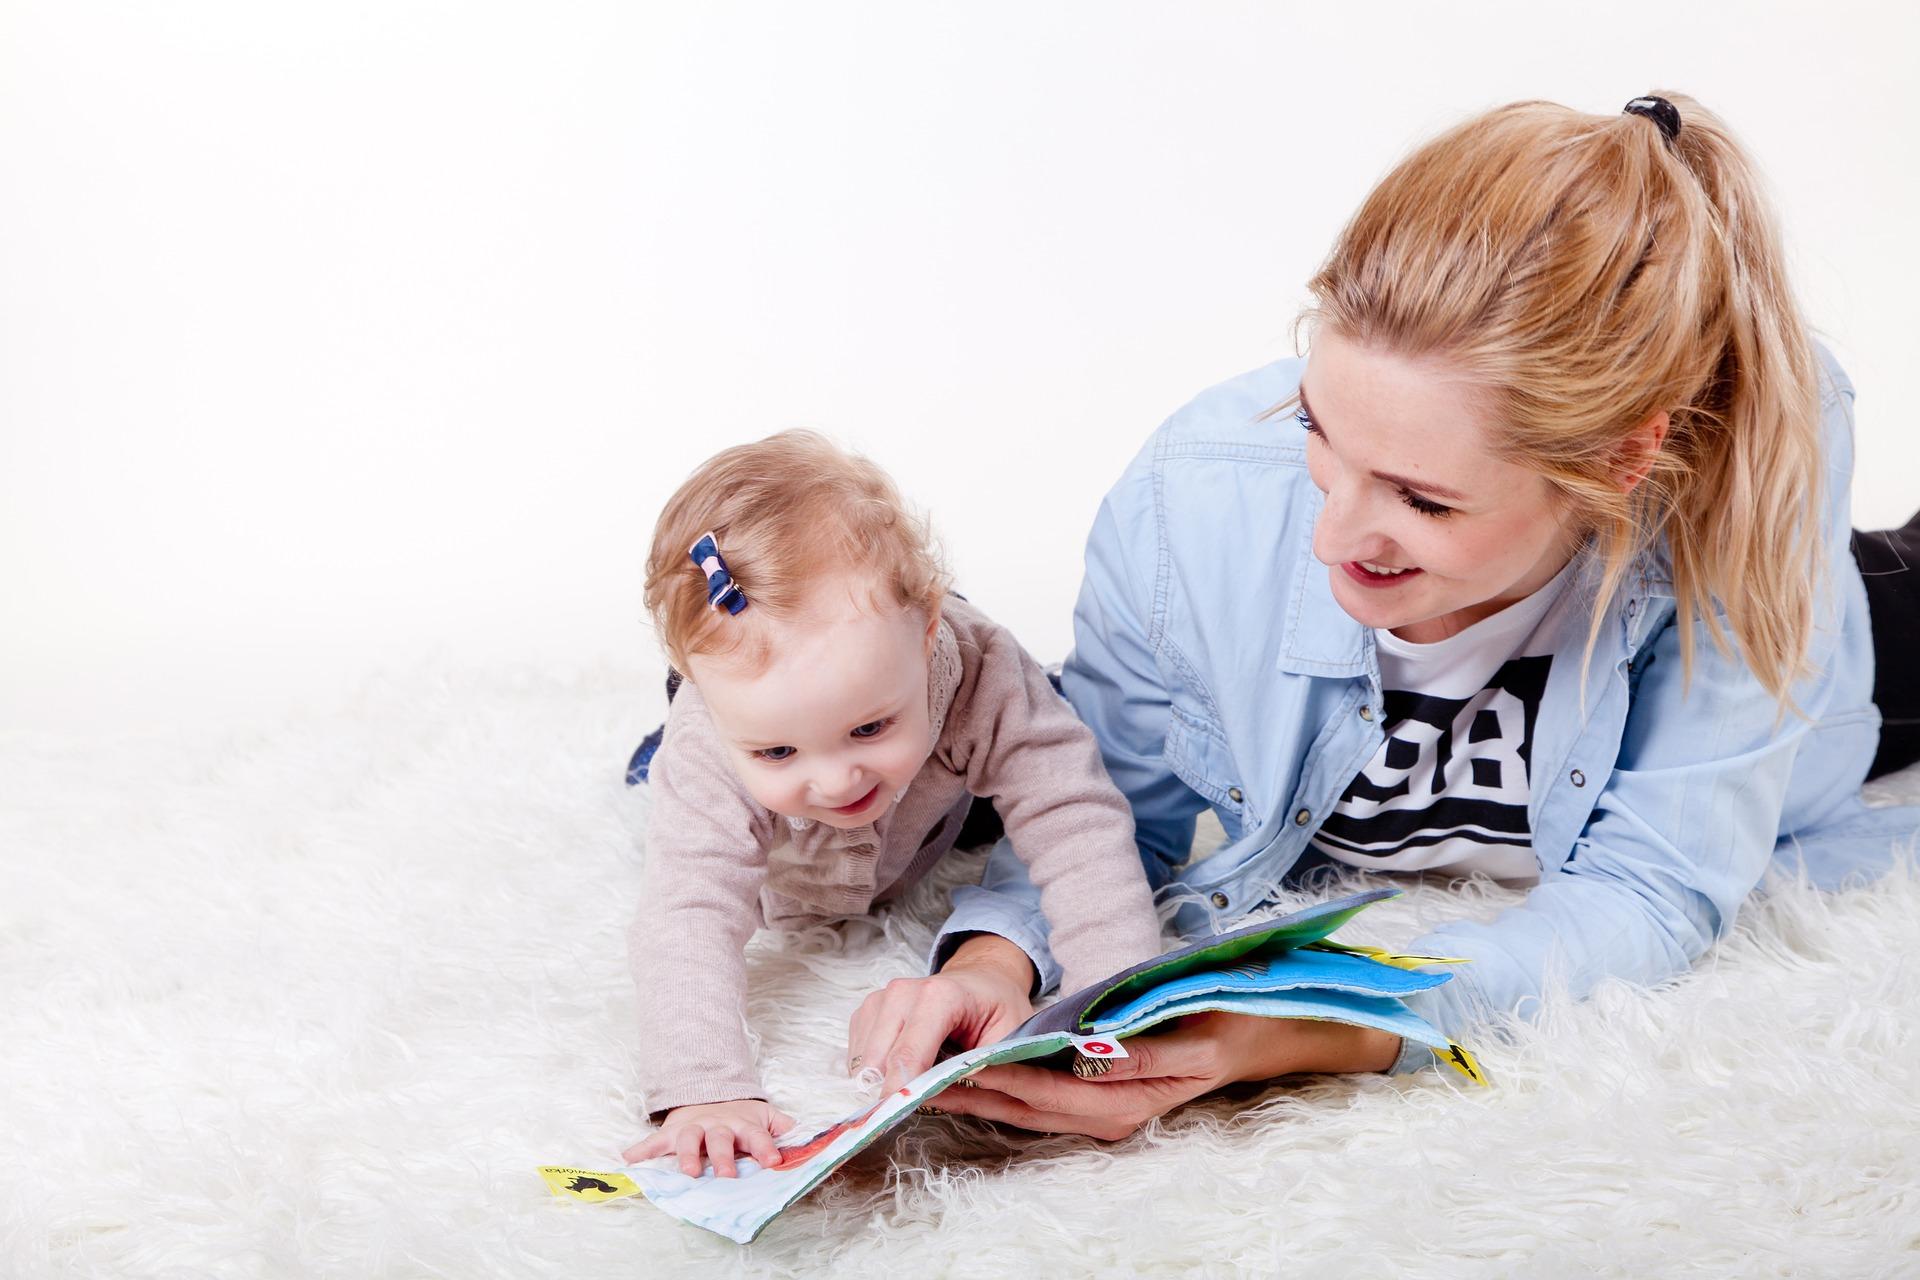 Единовременная выплата из материнского капитала в 2019 году